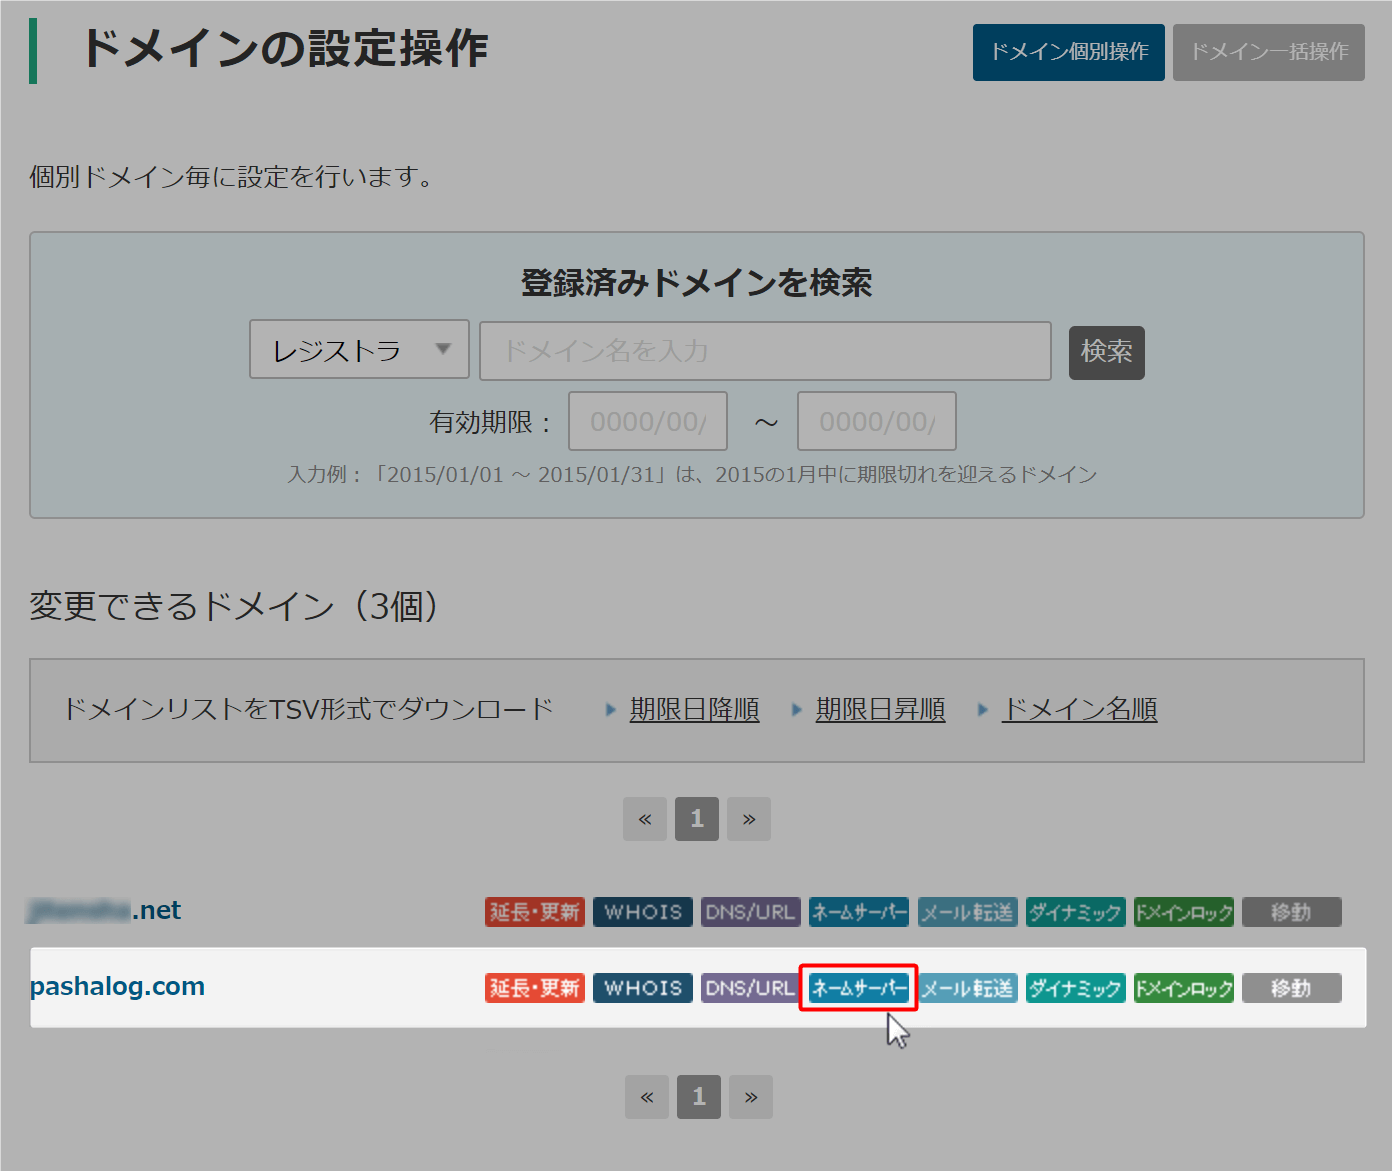 バリュードメイン ドメイン操作設定のネームサーバーをクリック